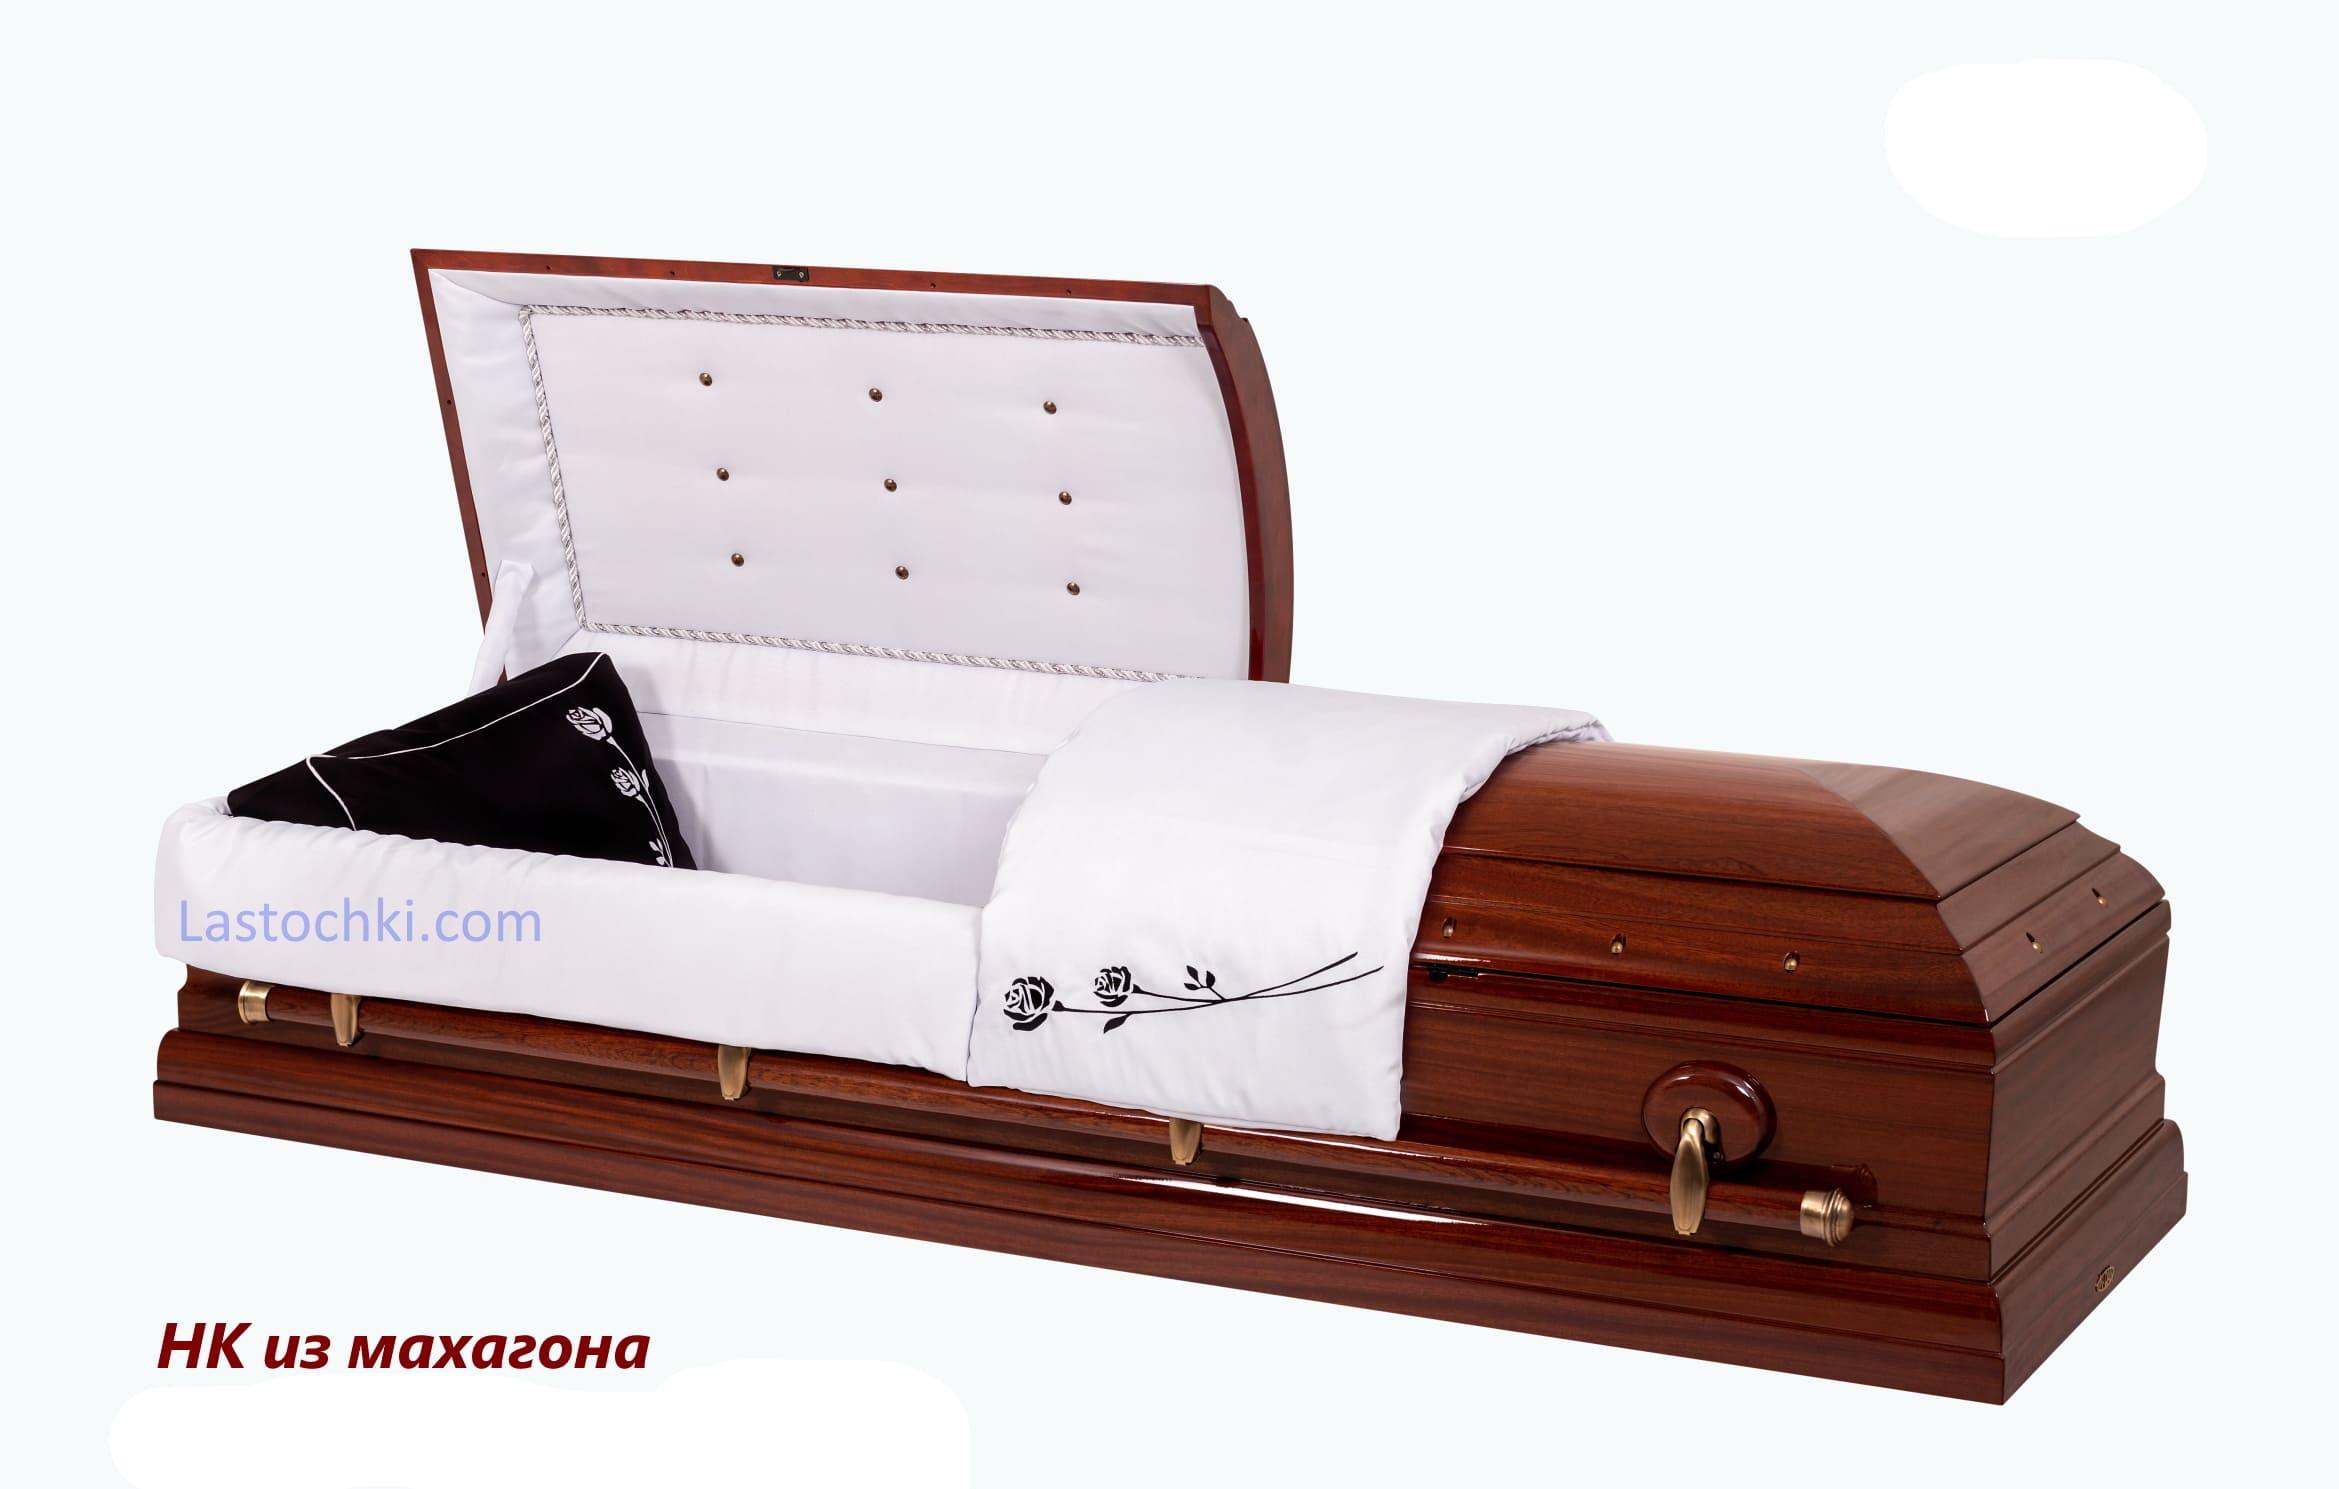 Саркофаг НК из махагона  - Цена 84 000 грн.